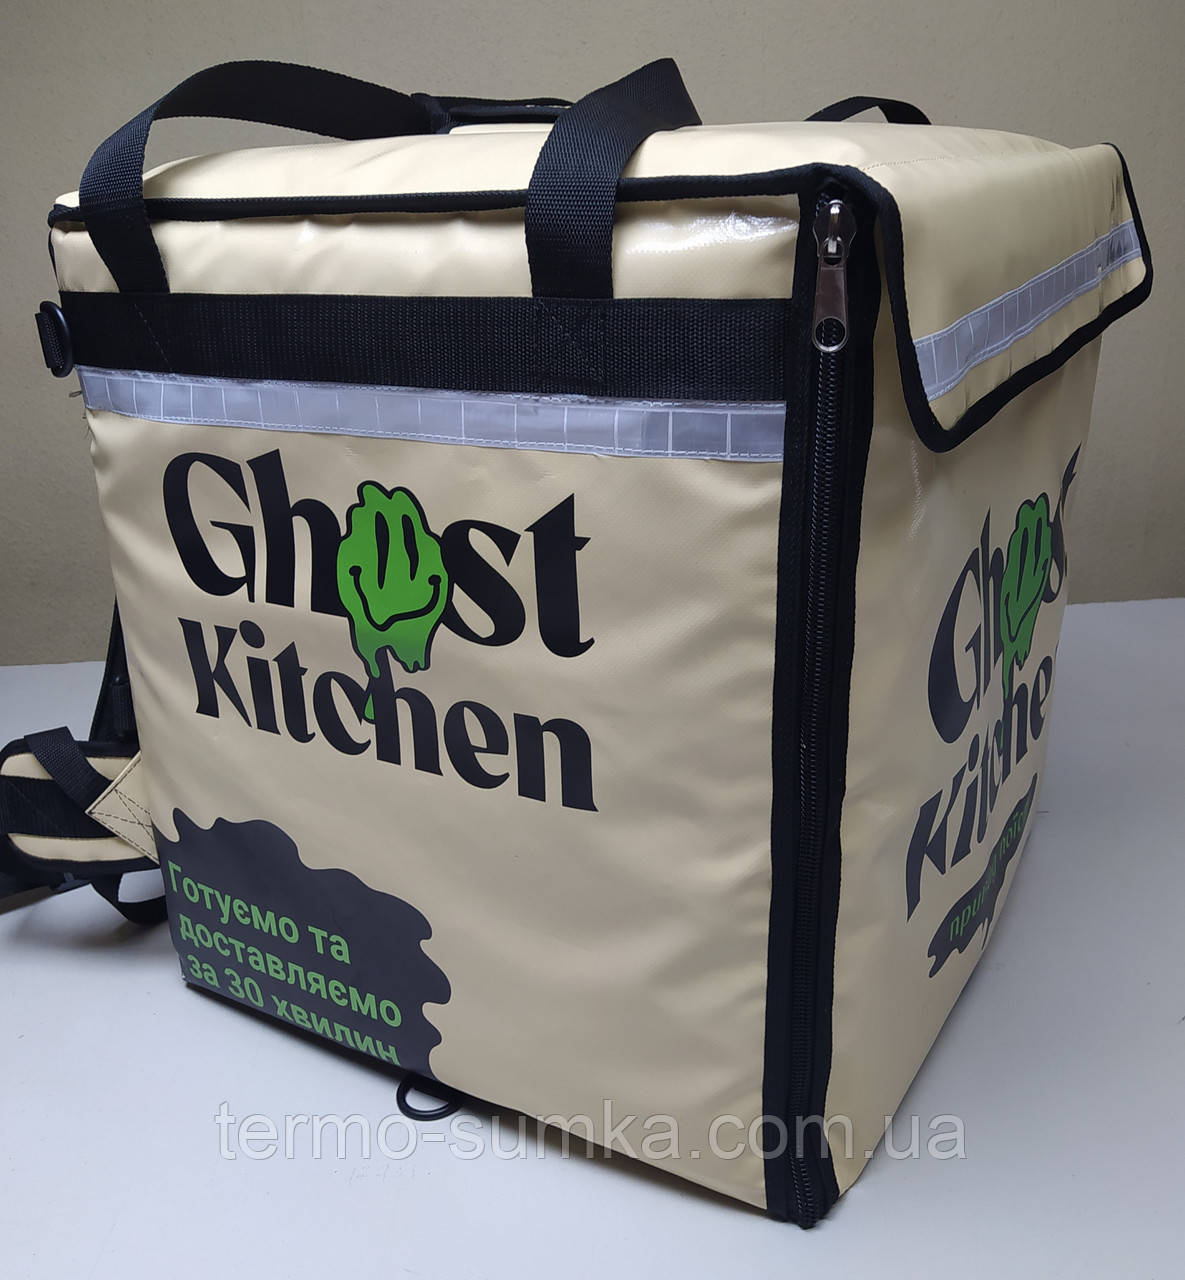 Каркасна термосумка - рюкзак для Dolphin кур'єрської доставки їжі і піци, на паралельних блискавках.